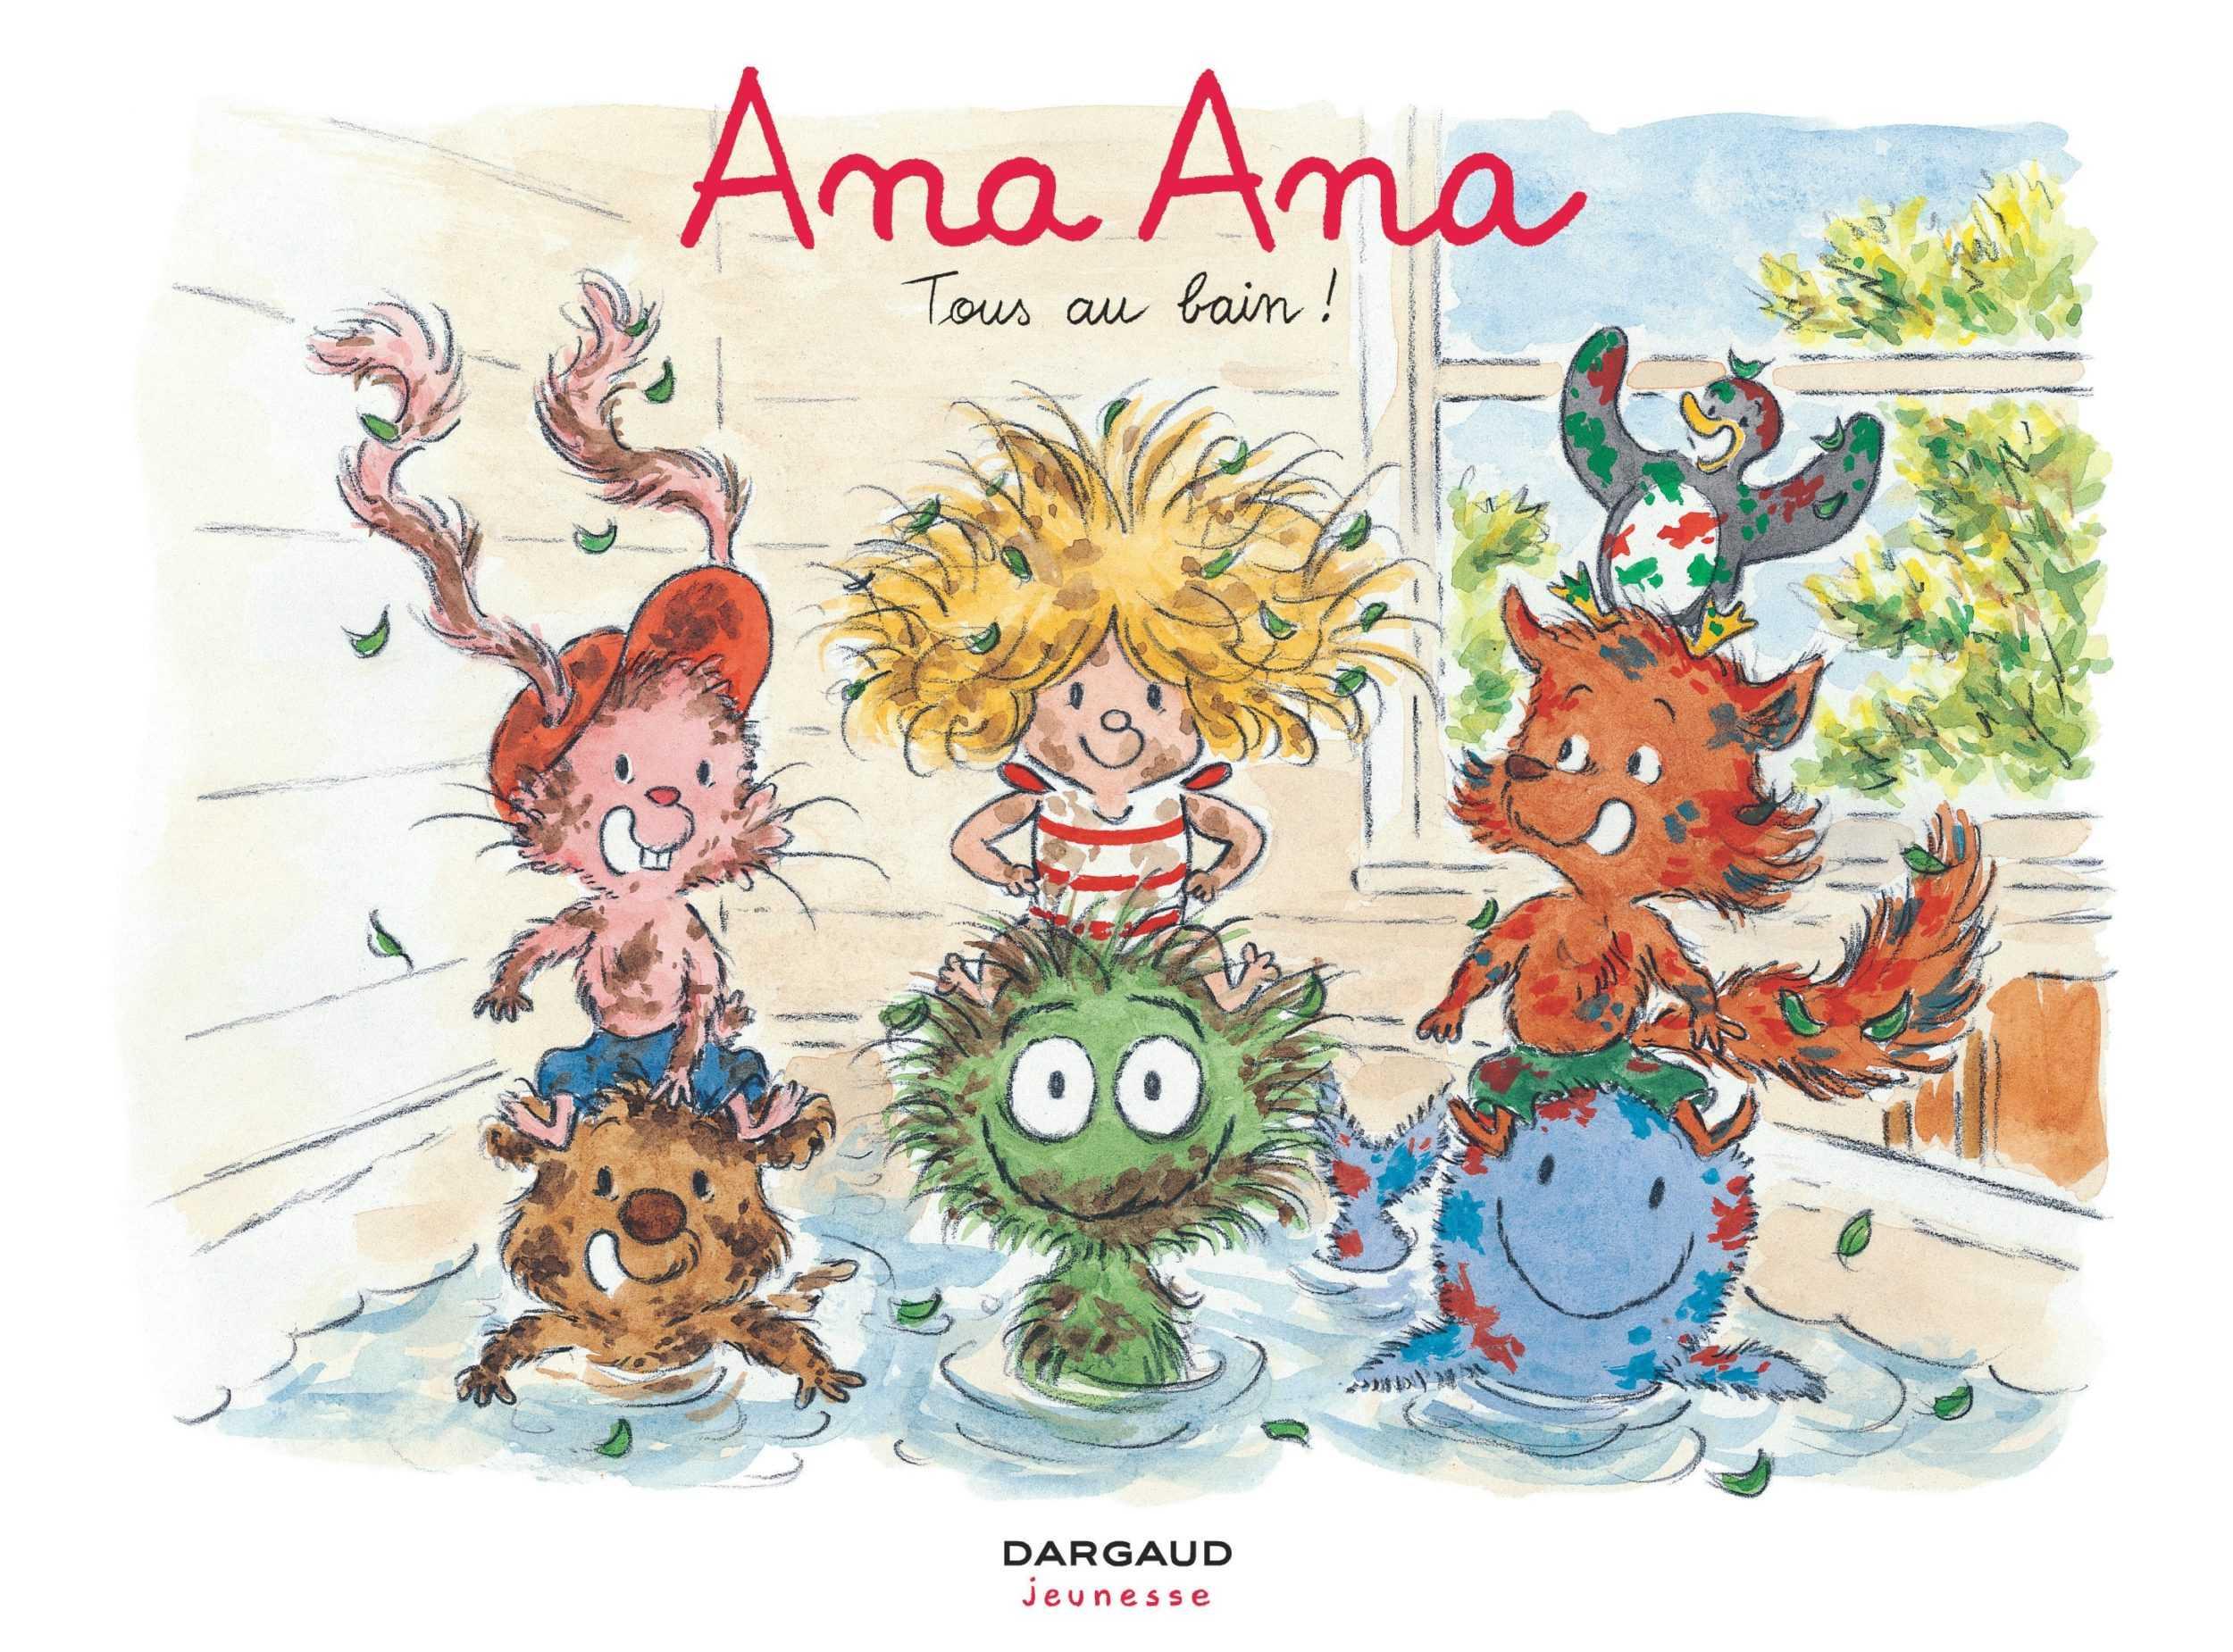 Jeunesse : la sélection avec un souriceau, Ana Ana, Archibald, Julia et Violette